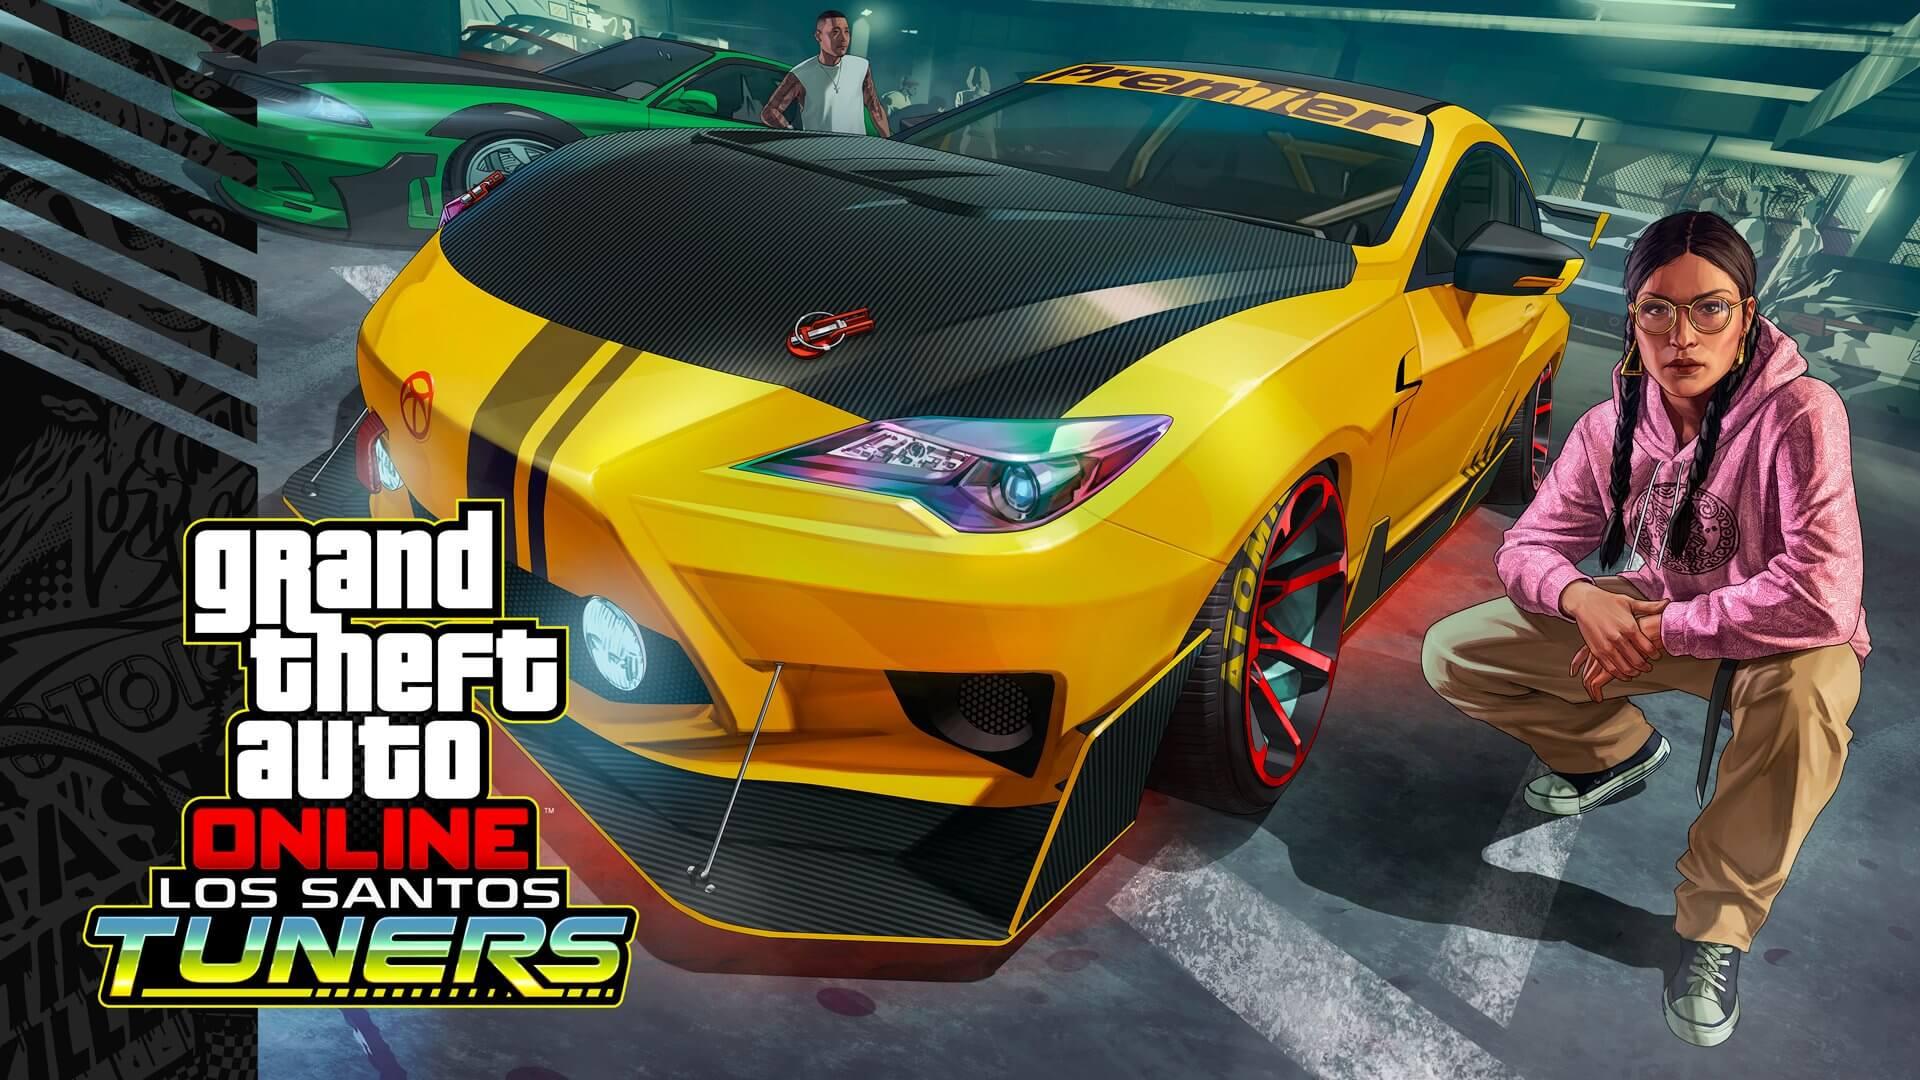 GTA V desvela que tendrá mejoras exclusivas en PS5 y Xbox Series X|S